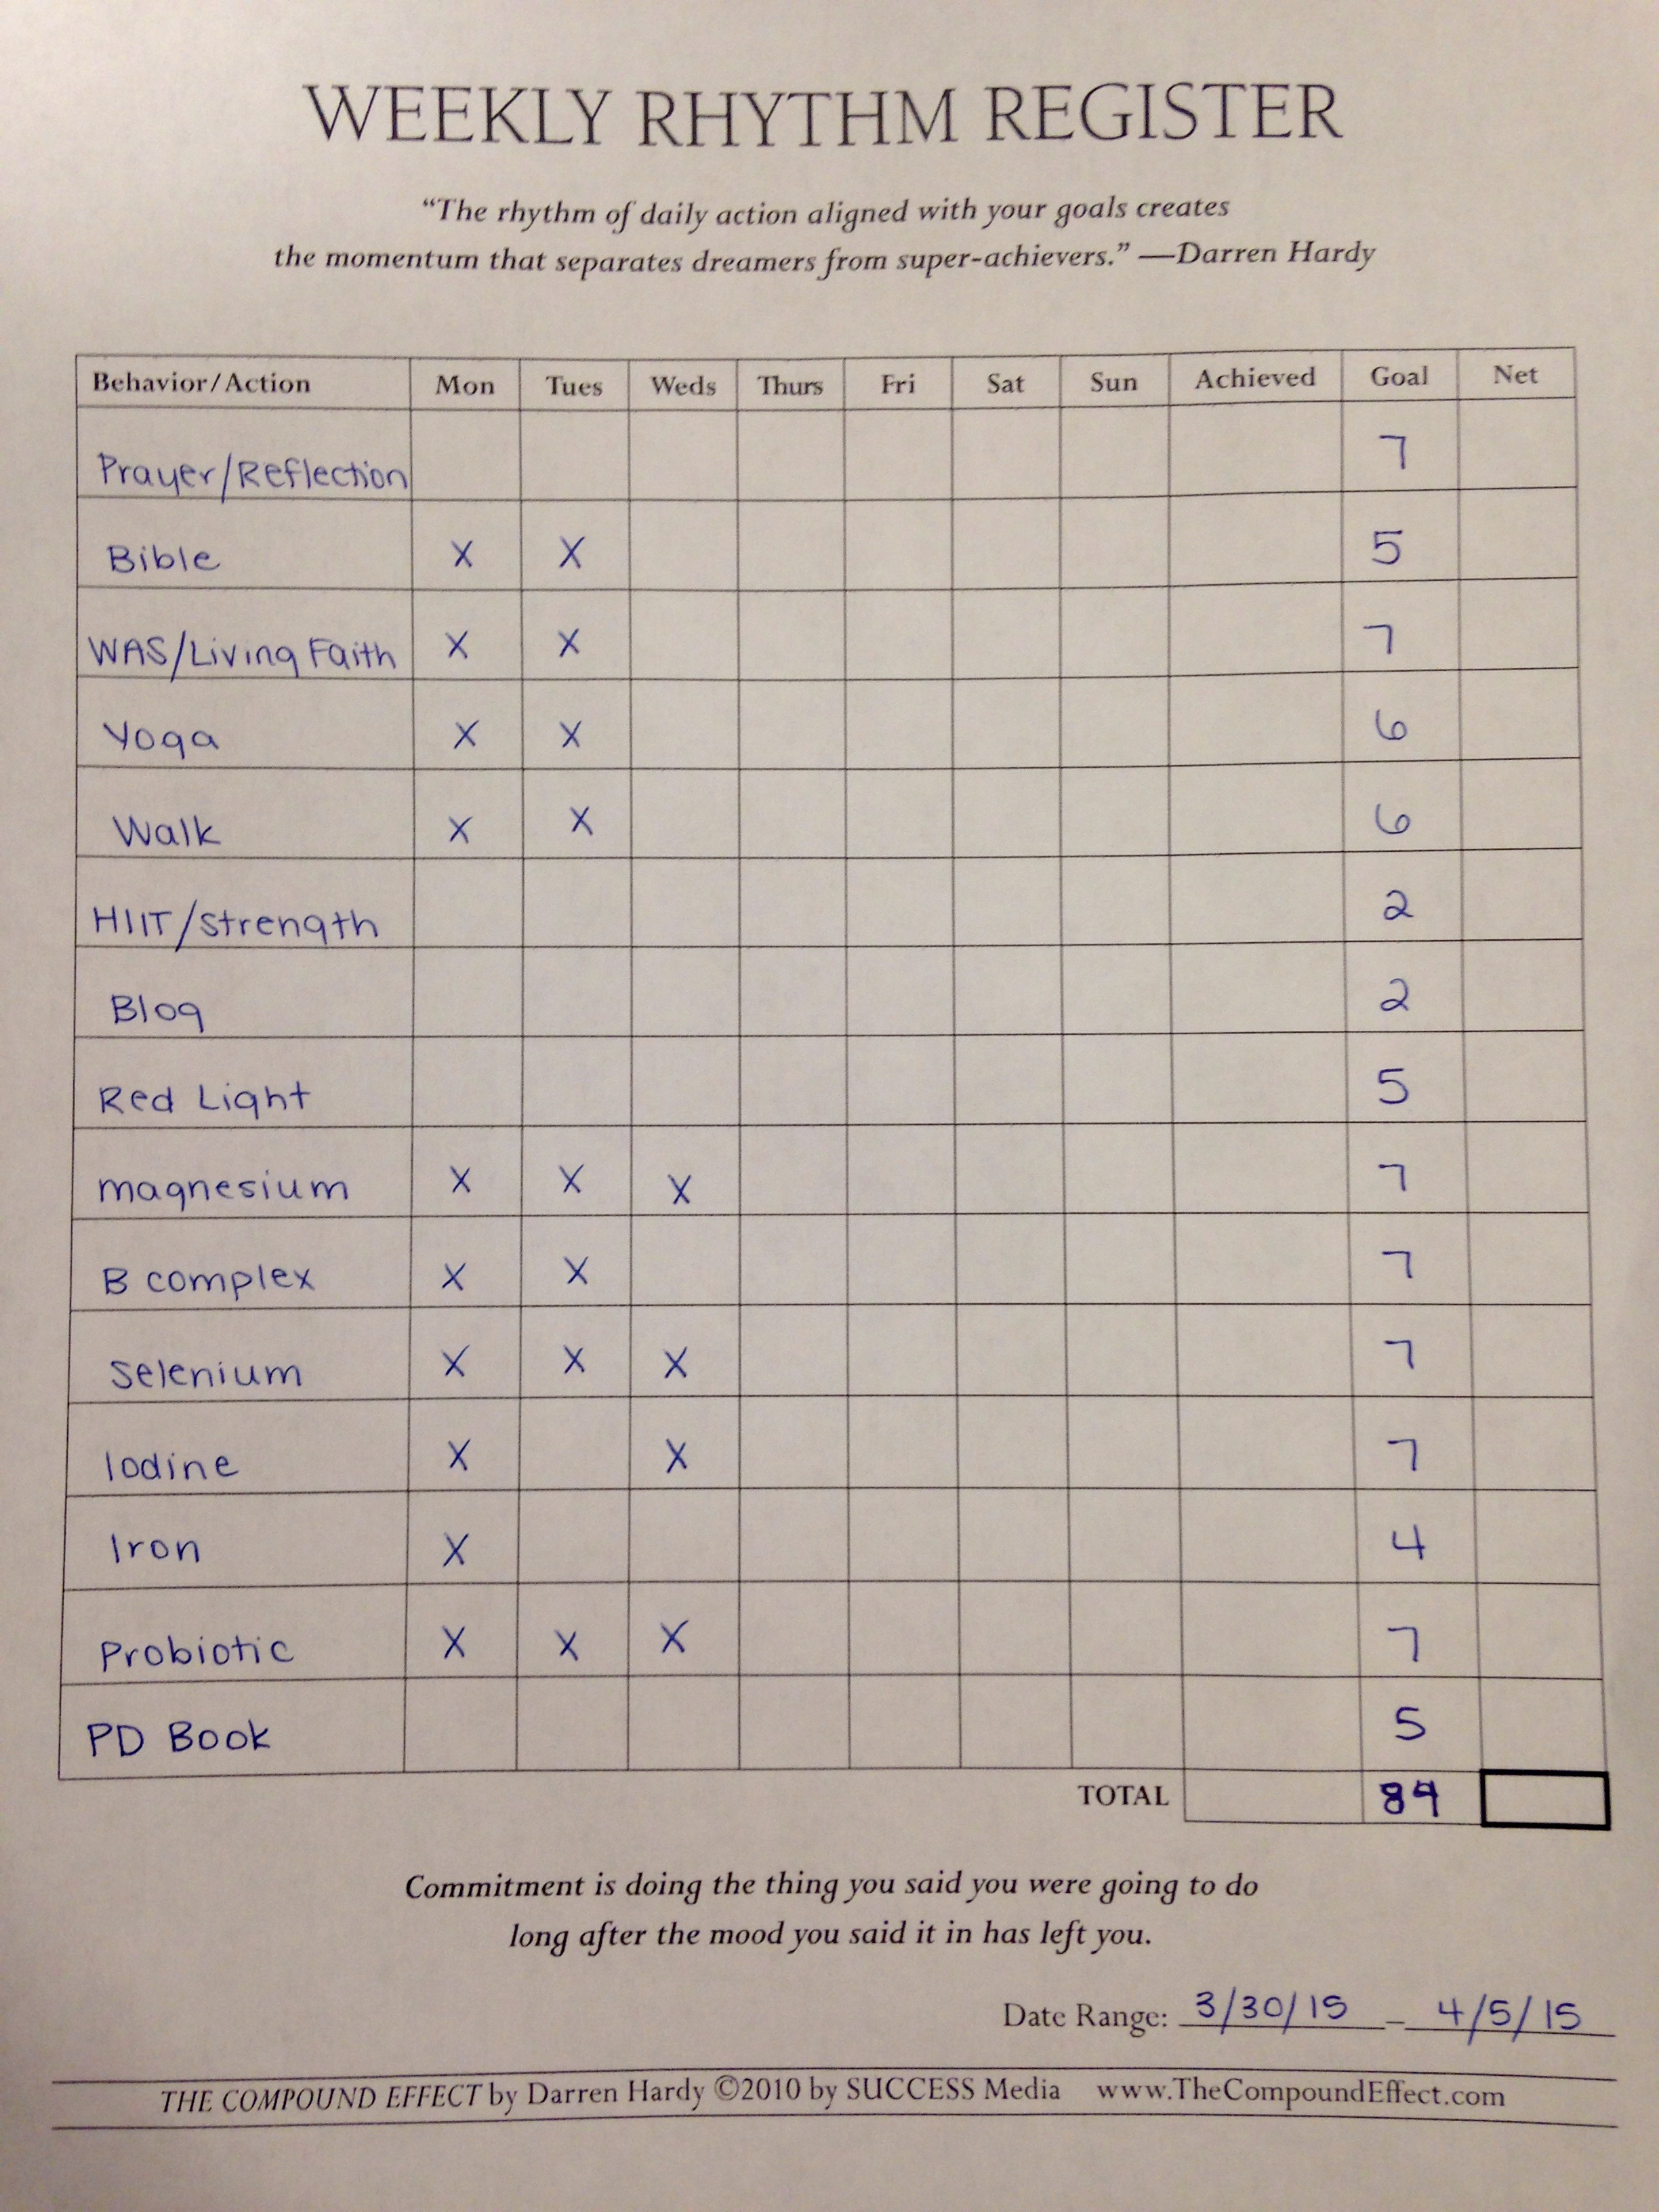 Weekly Rhythm Register Useful Accountability Tool For